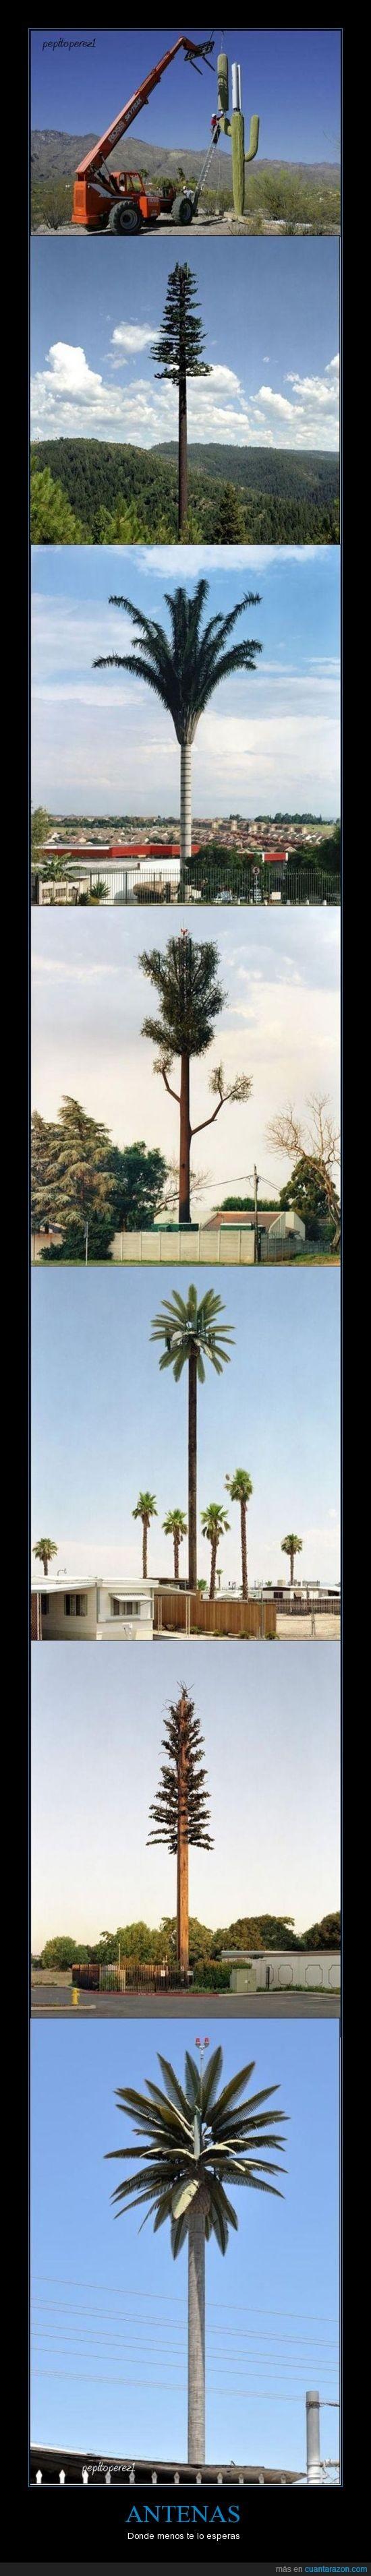 antena,antenas,arbol,arboles,cactus,conspiracion,negocio,palmera